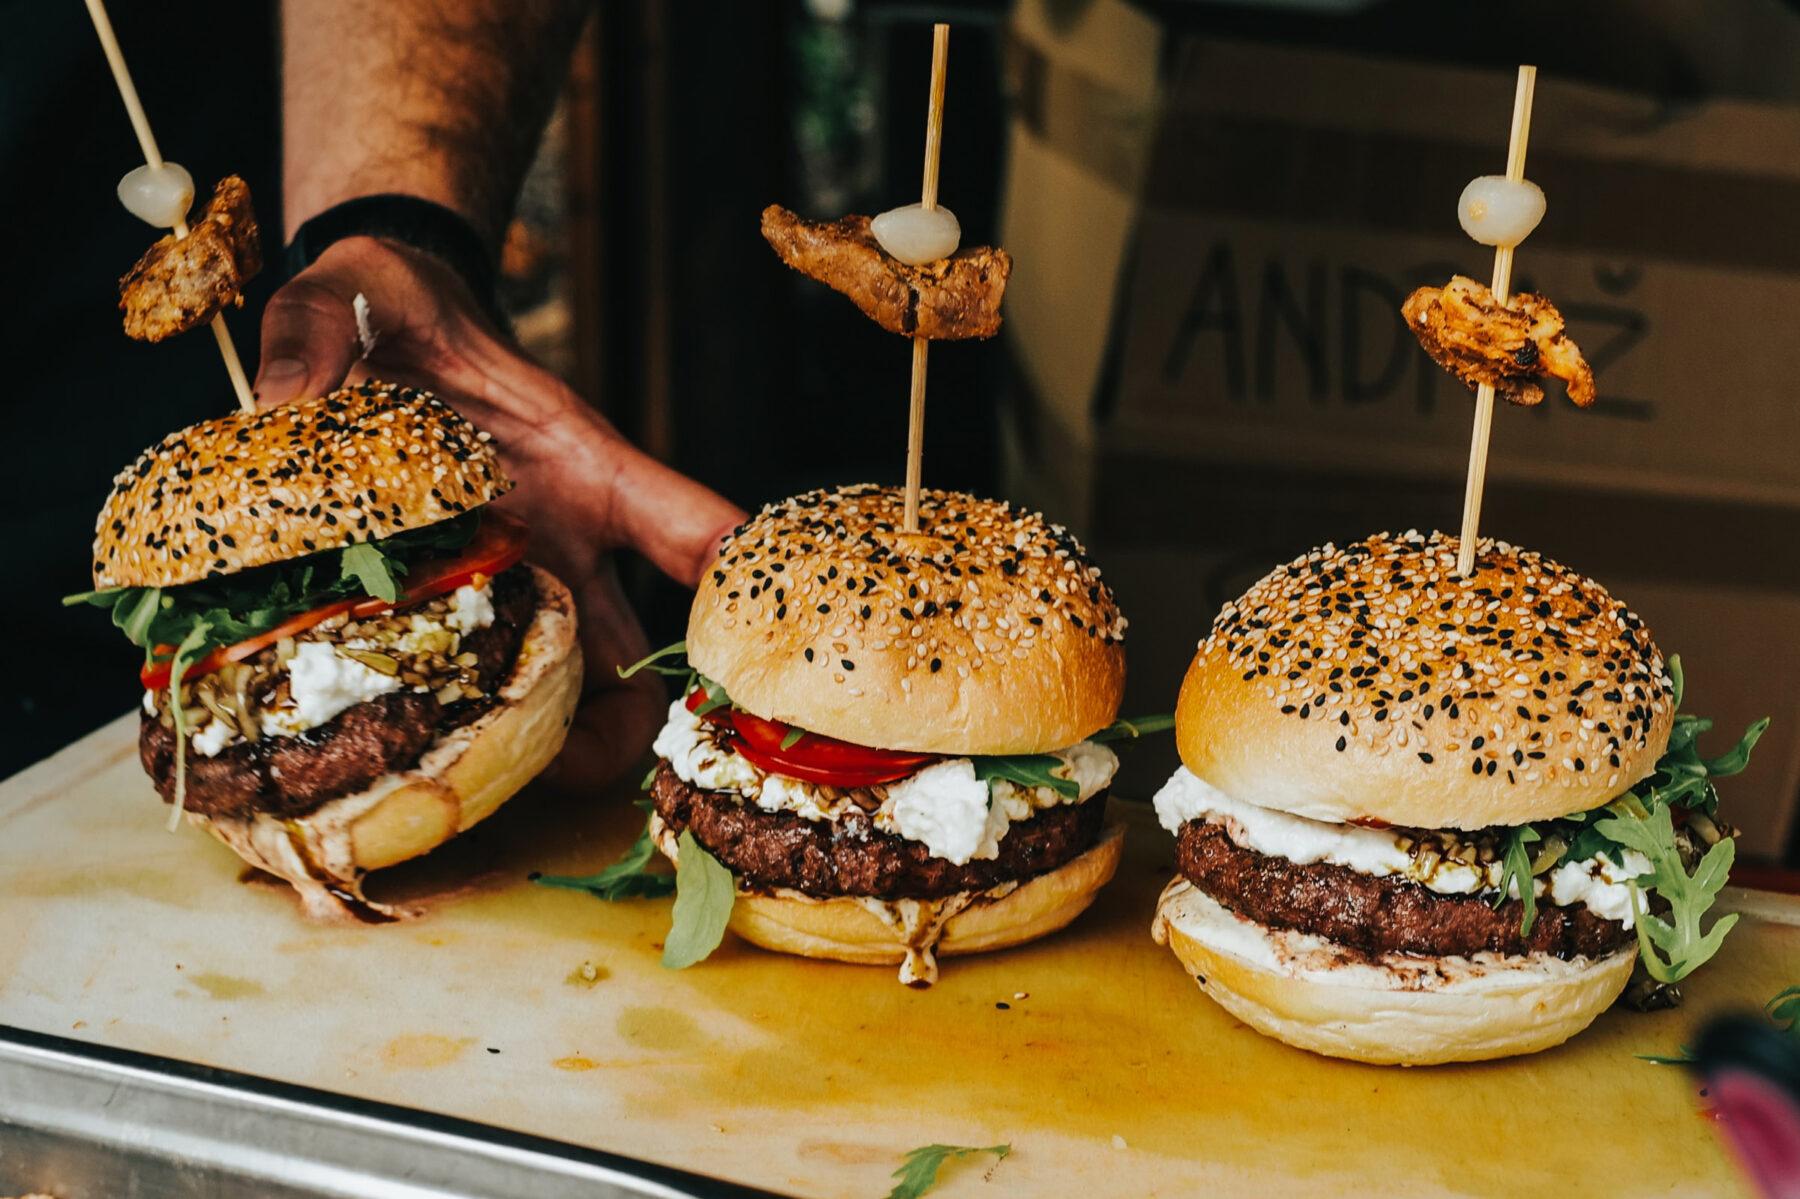 alternative meat innovation